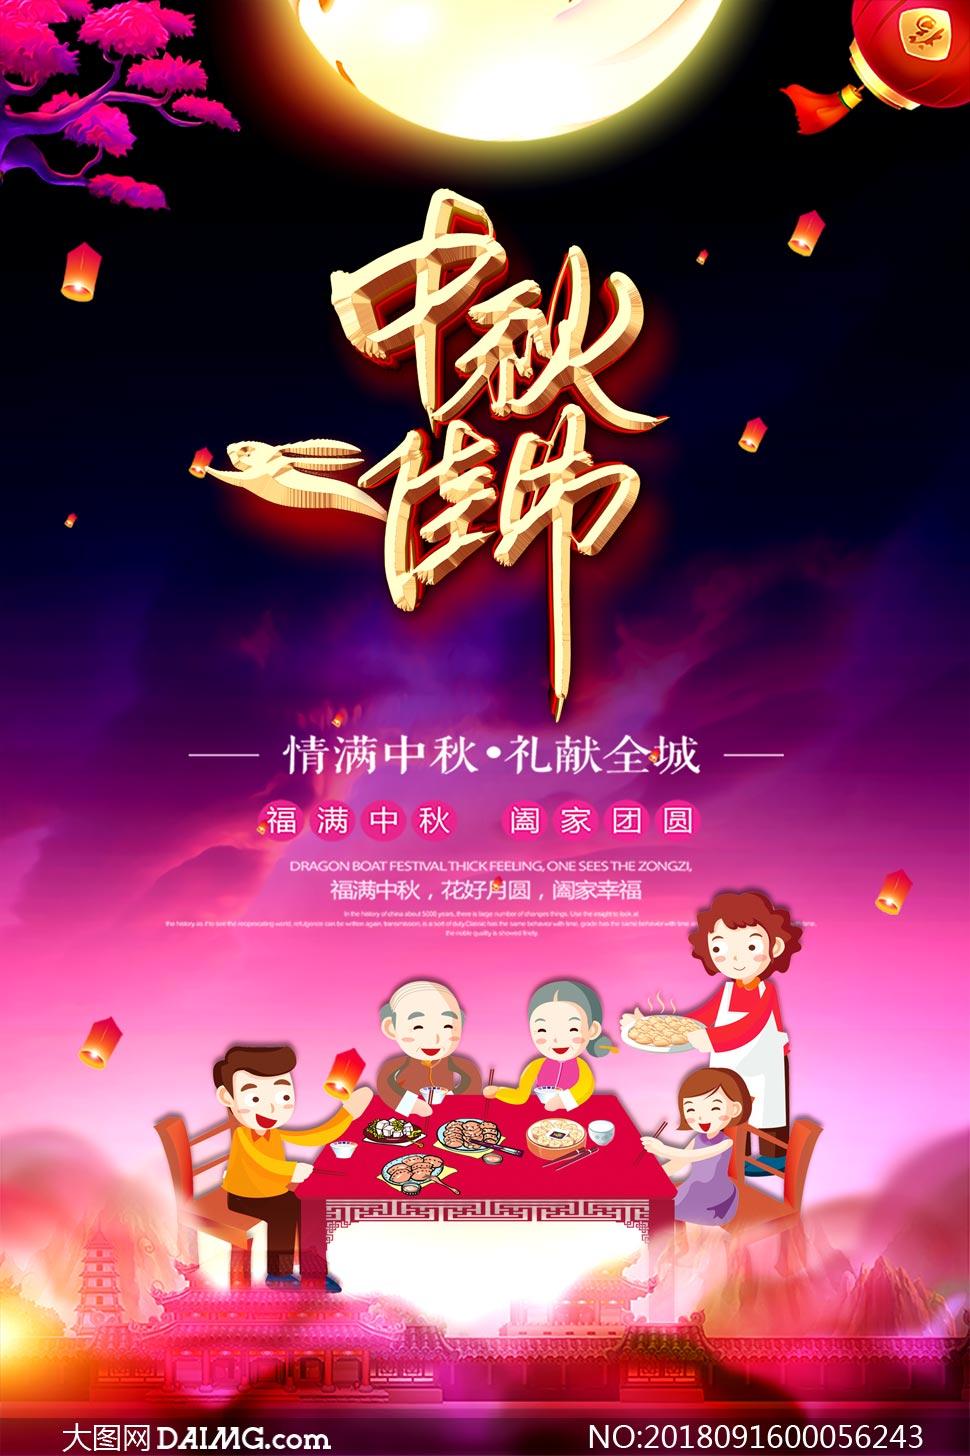 中秋节礼献全城活动海报psd素材